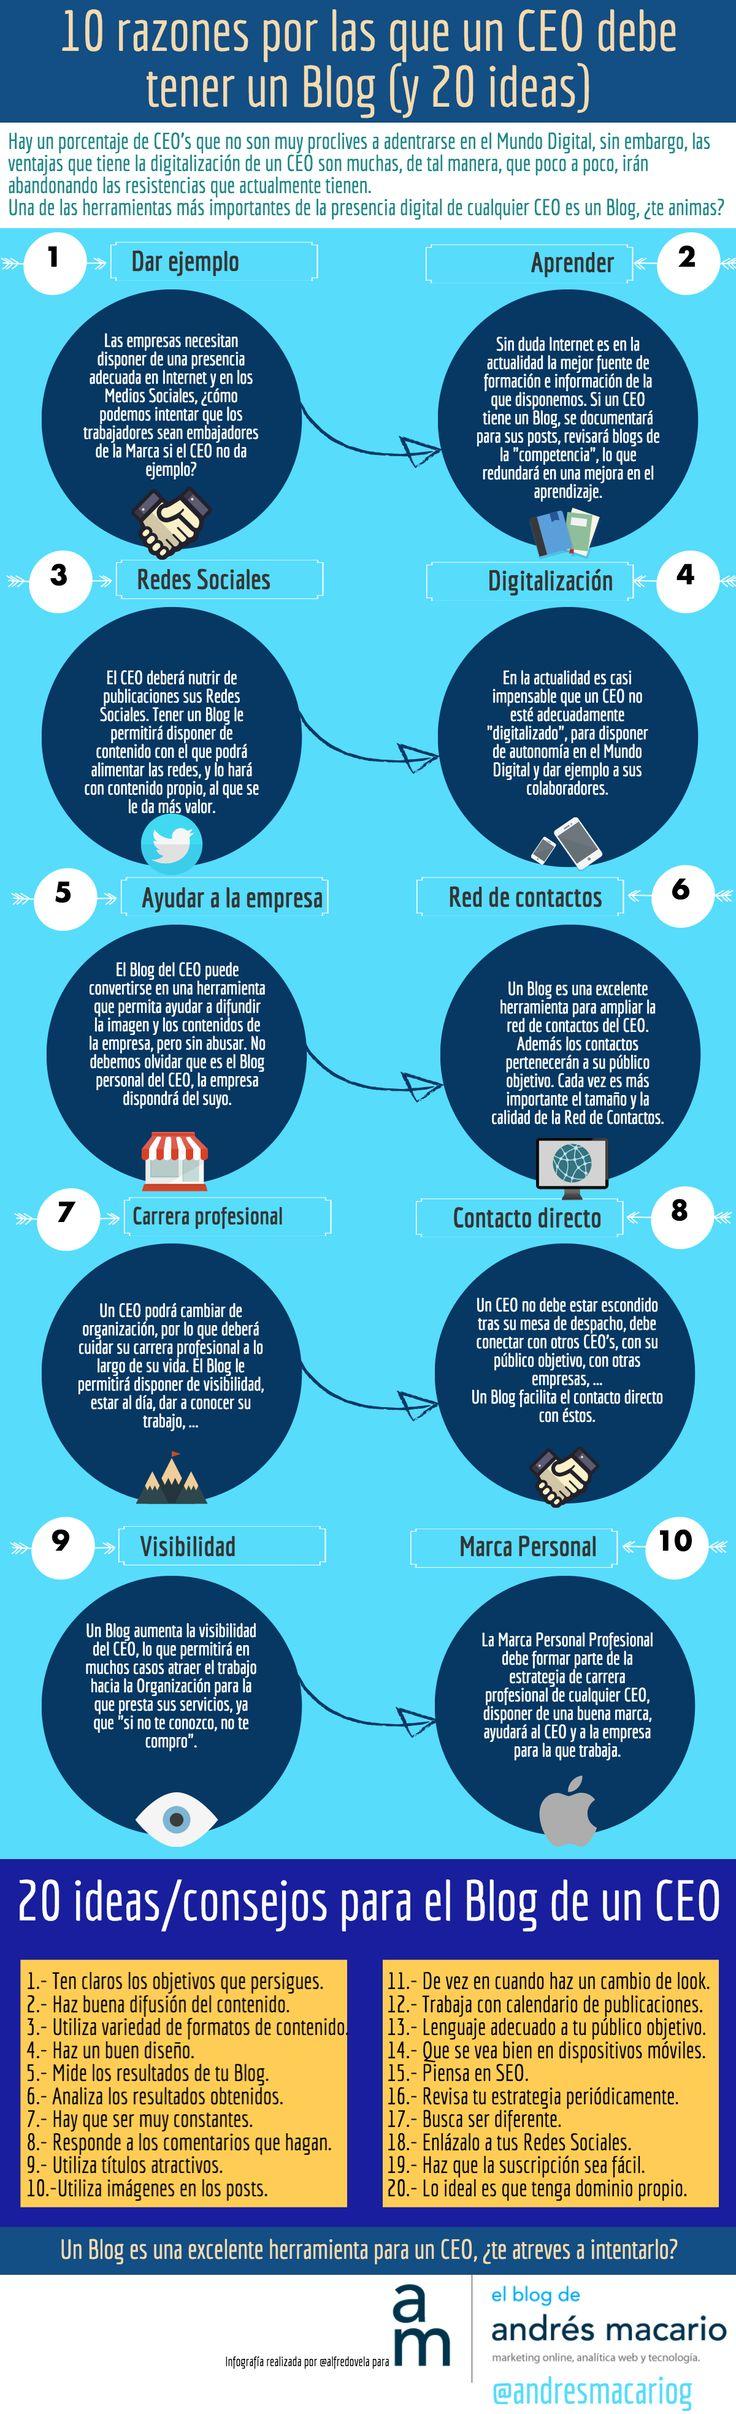 10 Razones por las que un CEO debe tener un Blog (y 20 ideas) #infografia